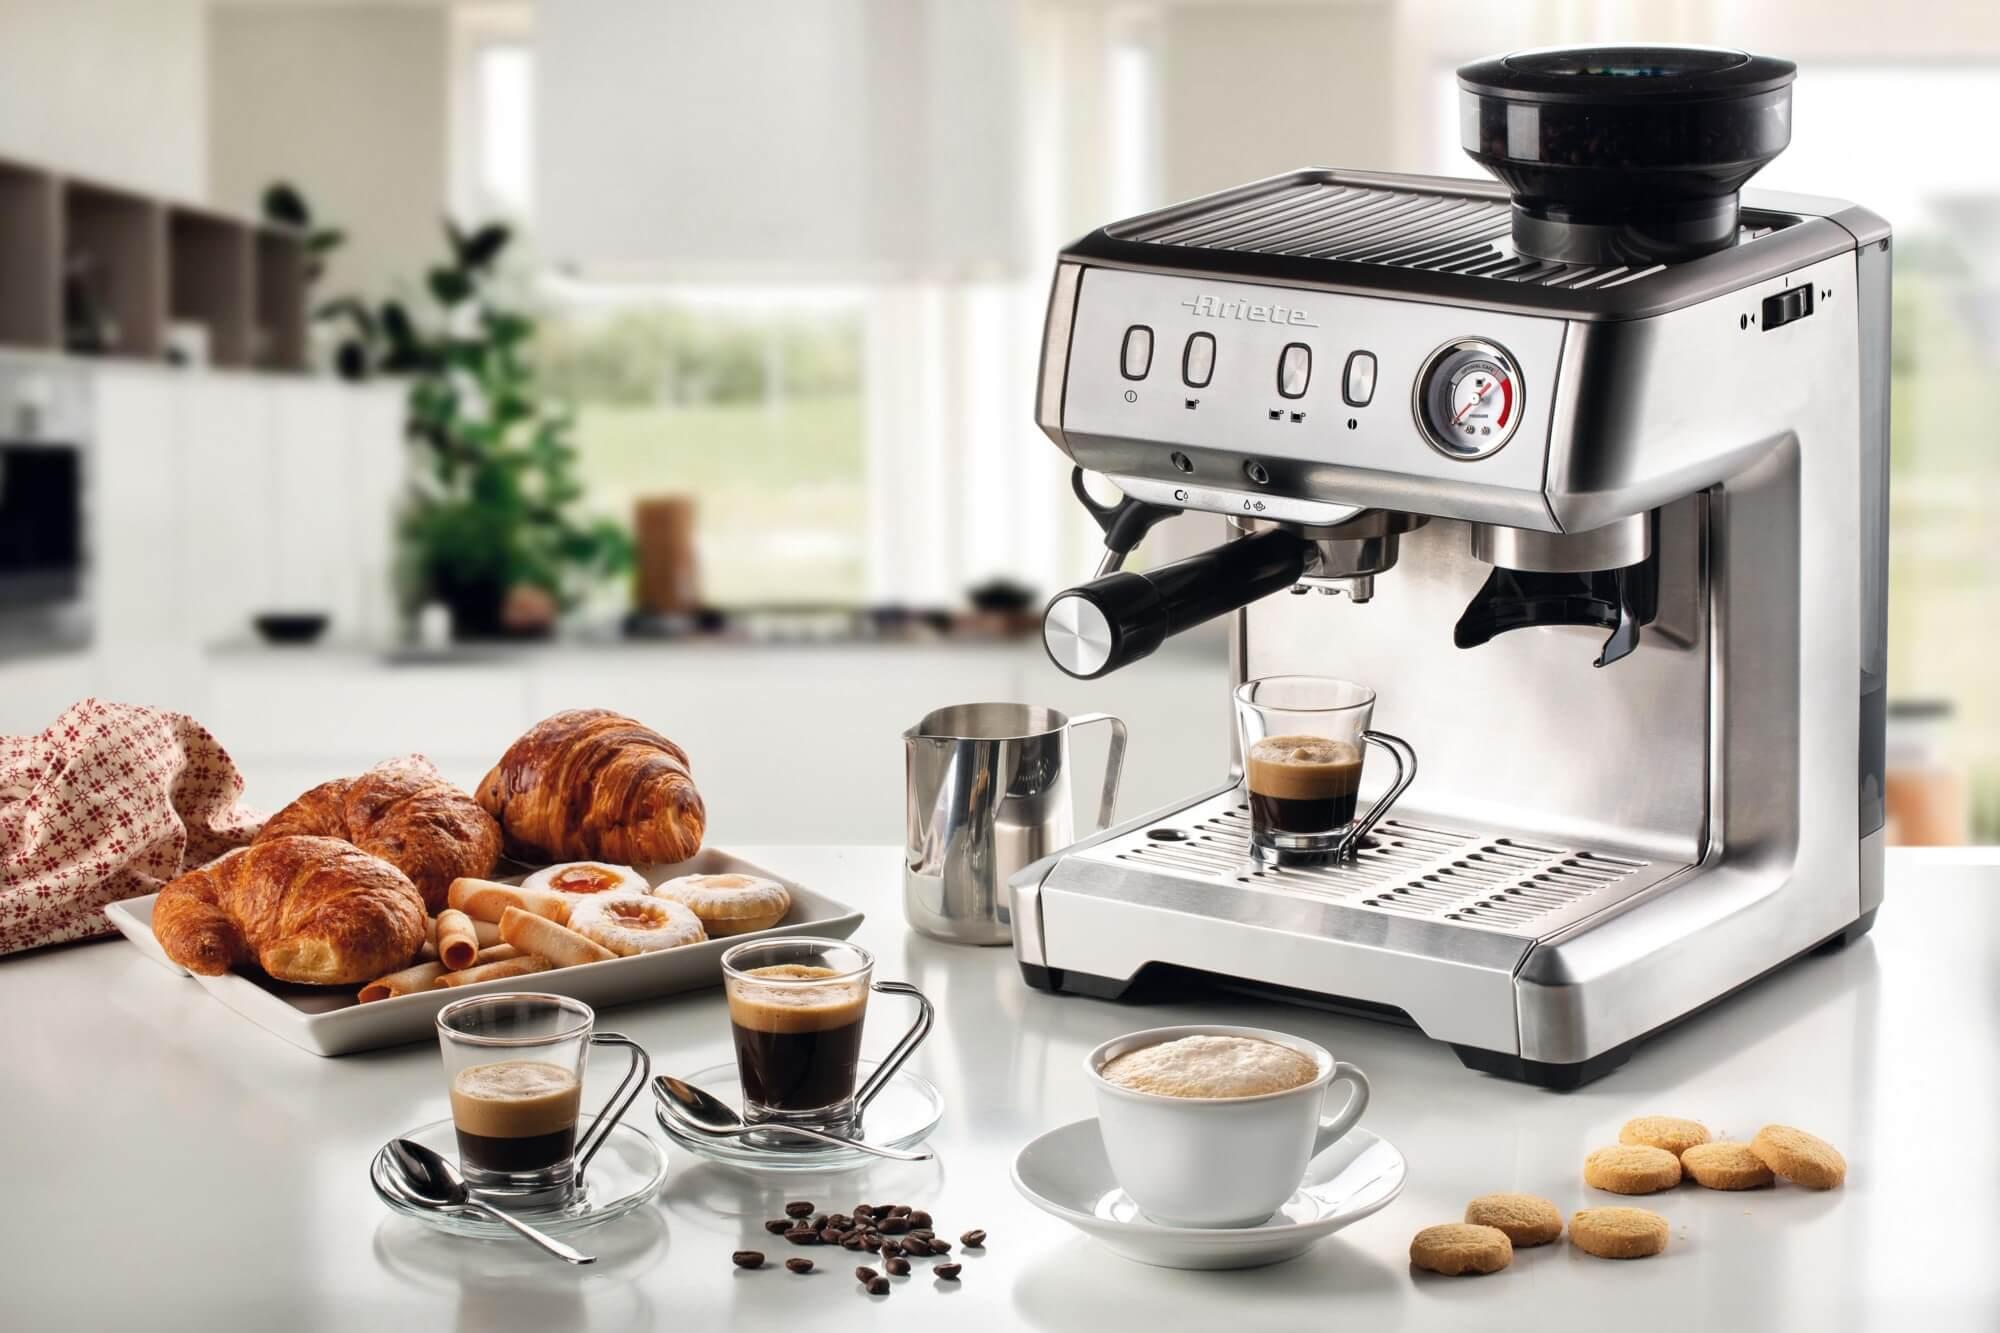 Рожковая кофеварка: принцип работы, разновидности, как выбрать